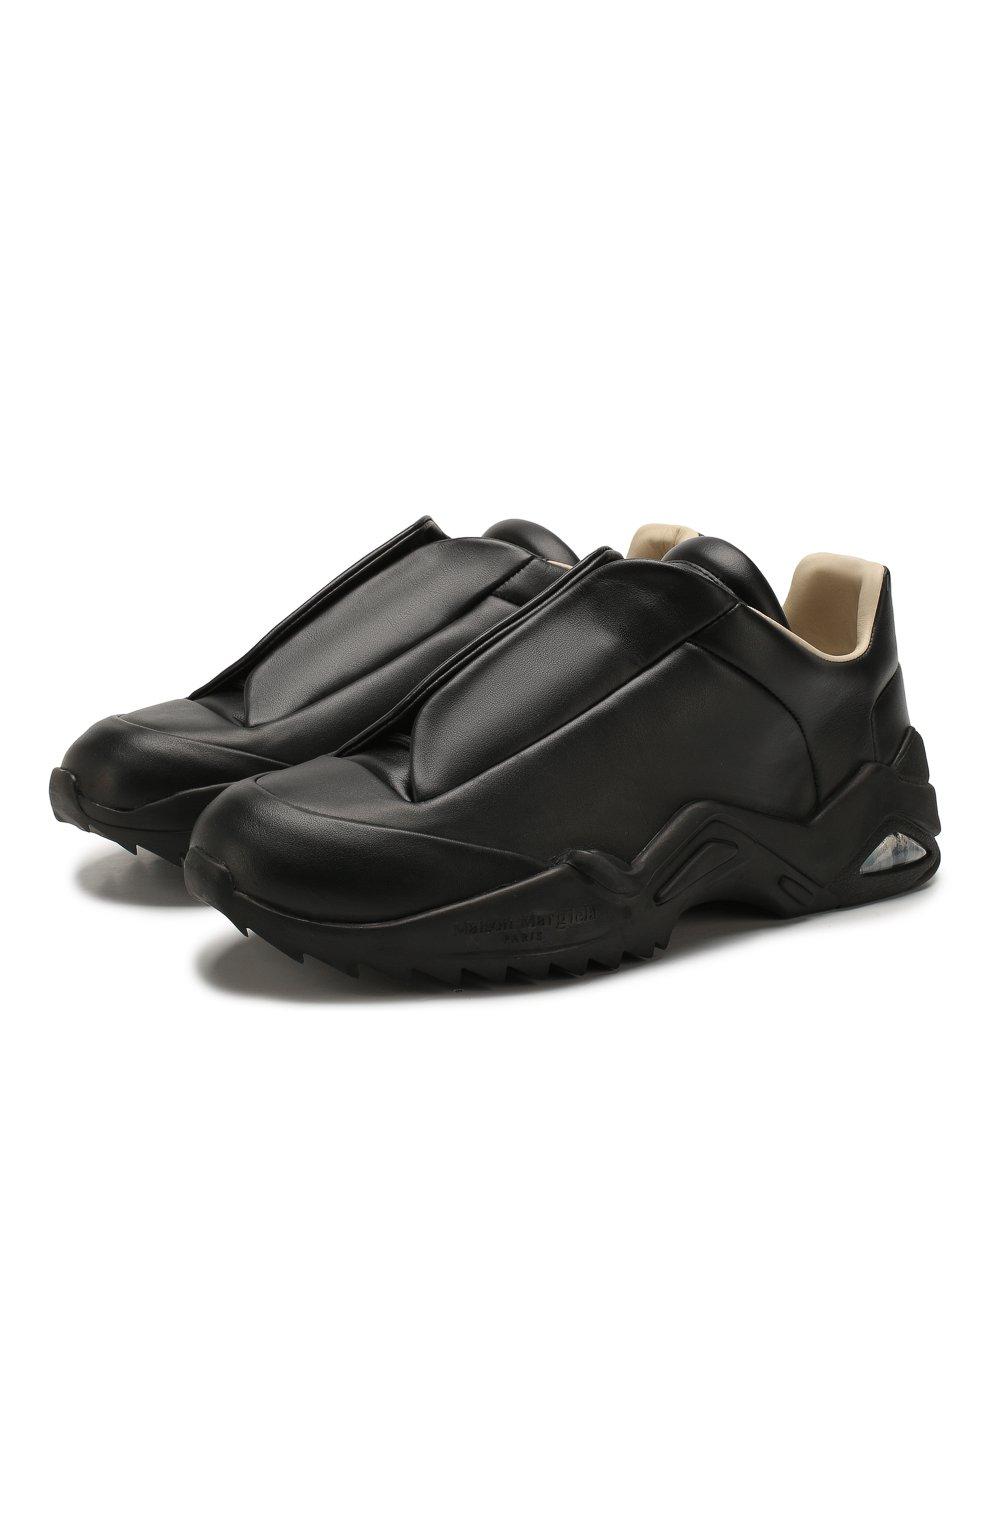 Мужские кожаные кроссовки MAISON MARGIELA черного цвета, арт. S37WS0493/P2589 | Фото 1 (Материал внутренний: Натуральная кожа; Подошва: Массивная)